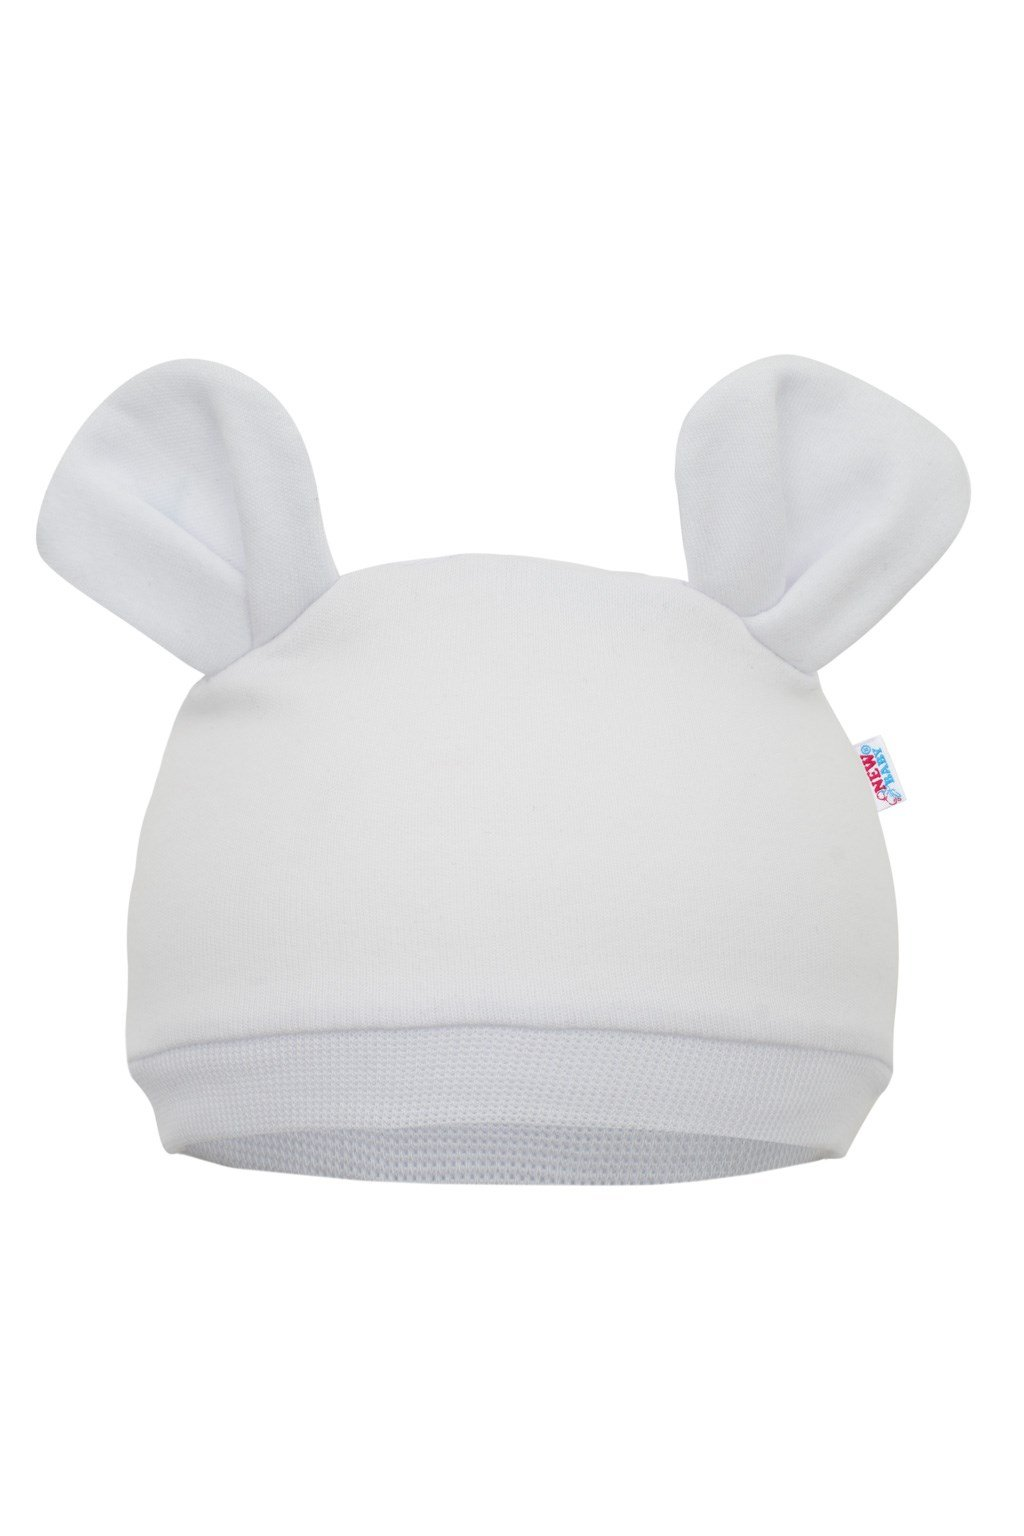 Dojčenská čiapočka New Baby Mouse biela NJSK 42316